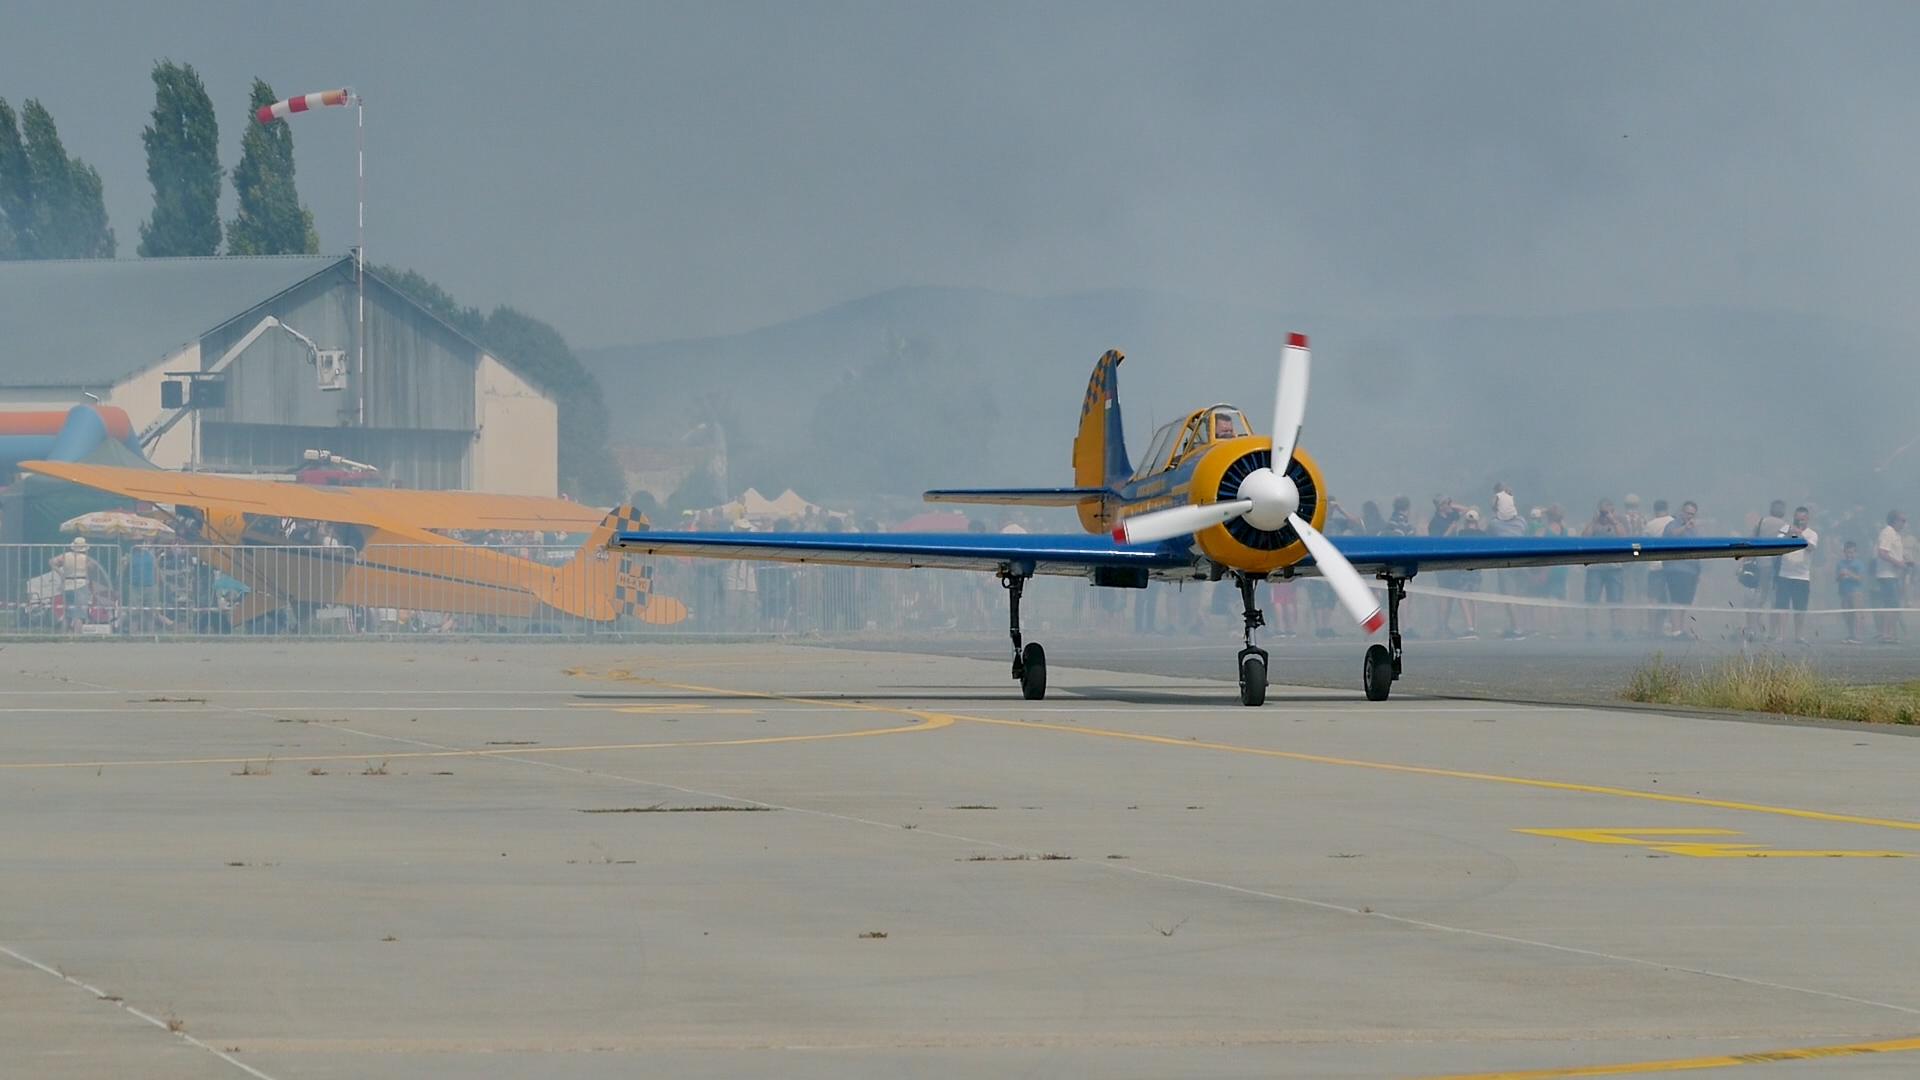 Vári Gyula Jak-52-es gépével a Pécs-Pogányi repülőnapon